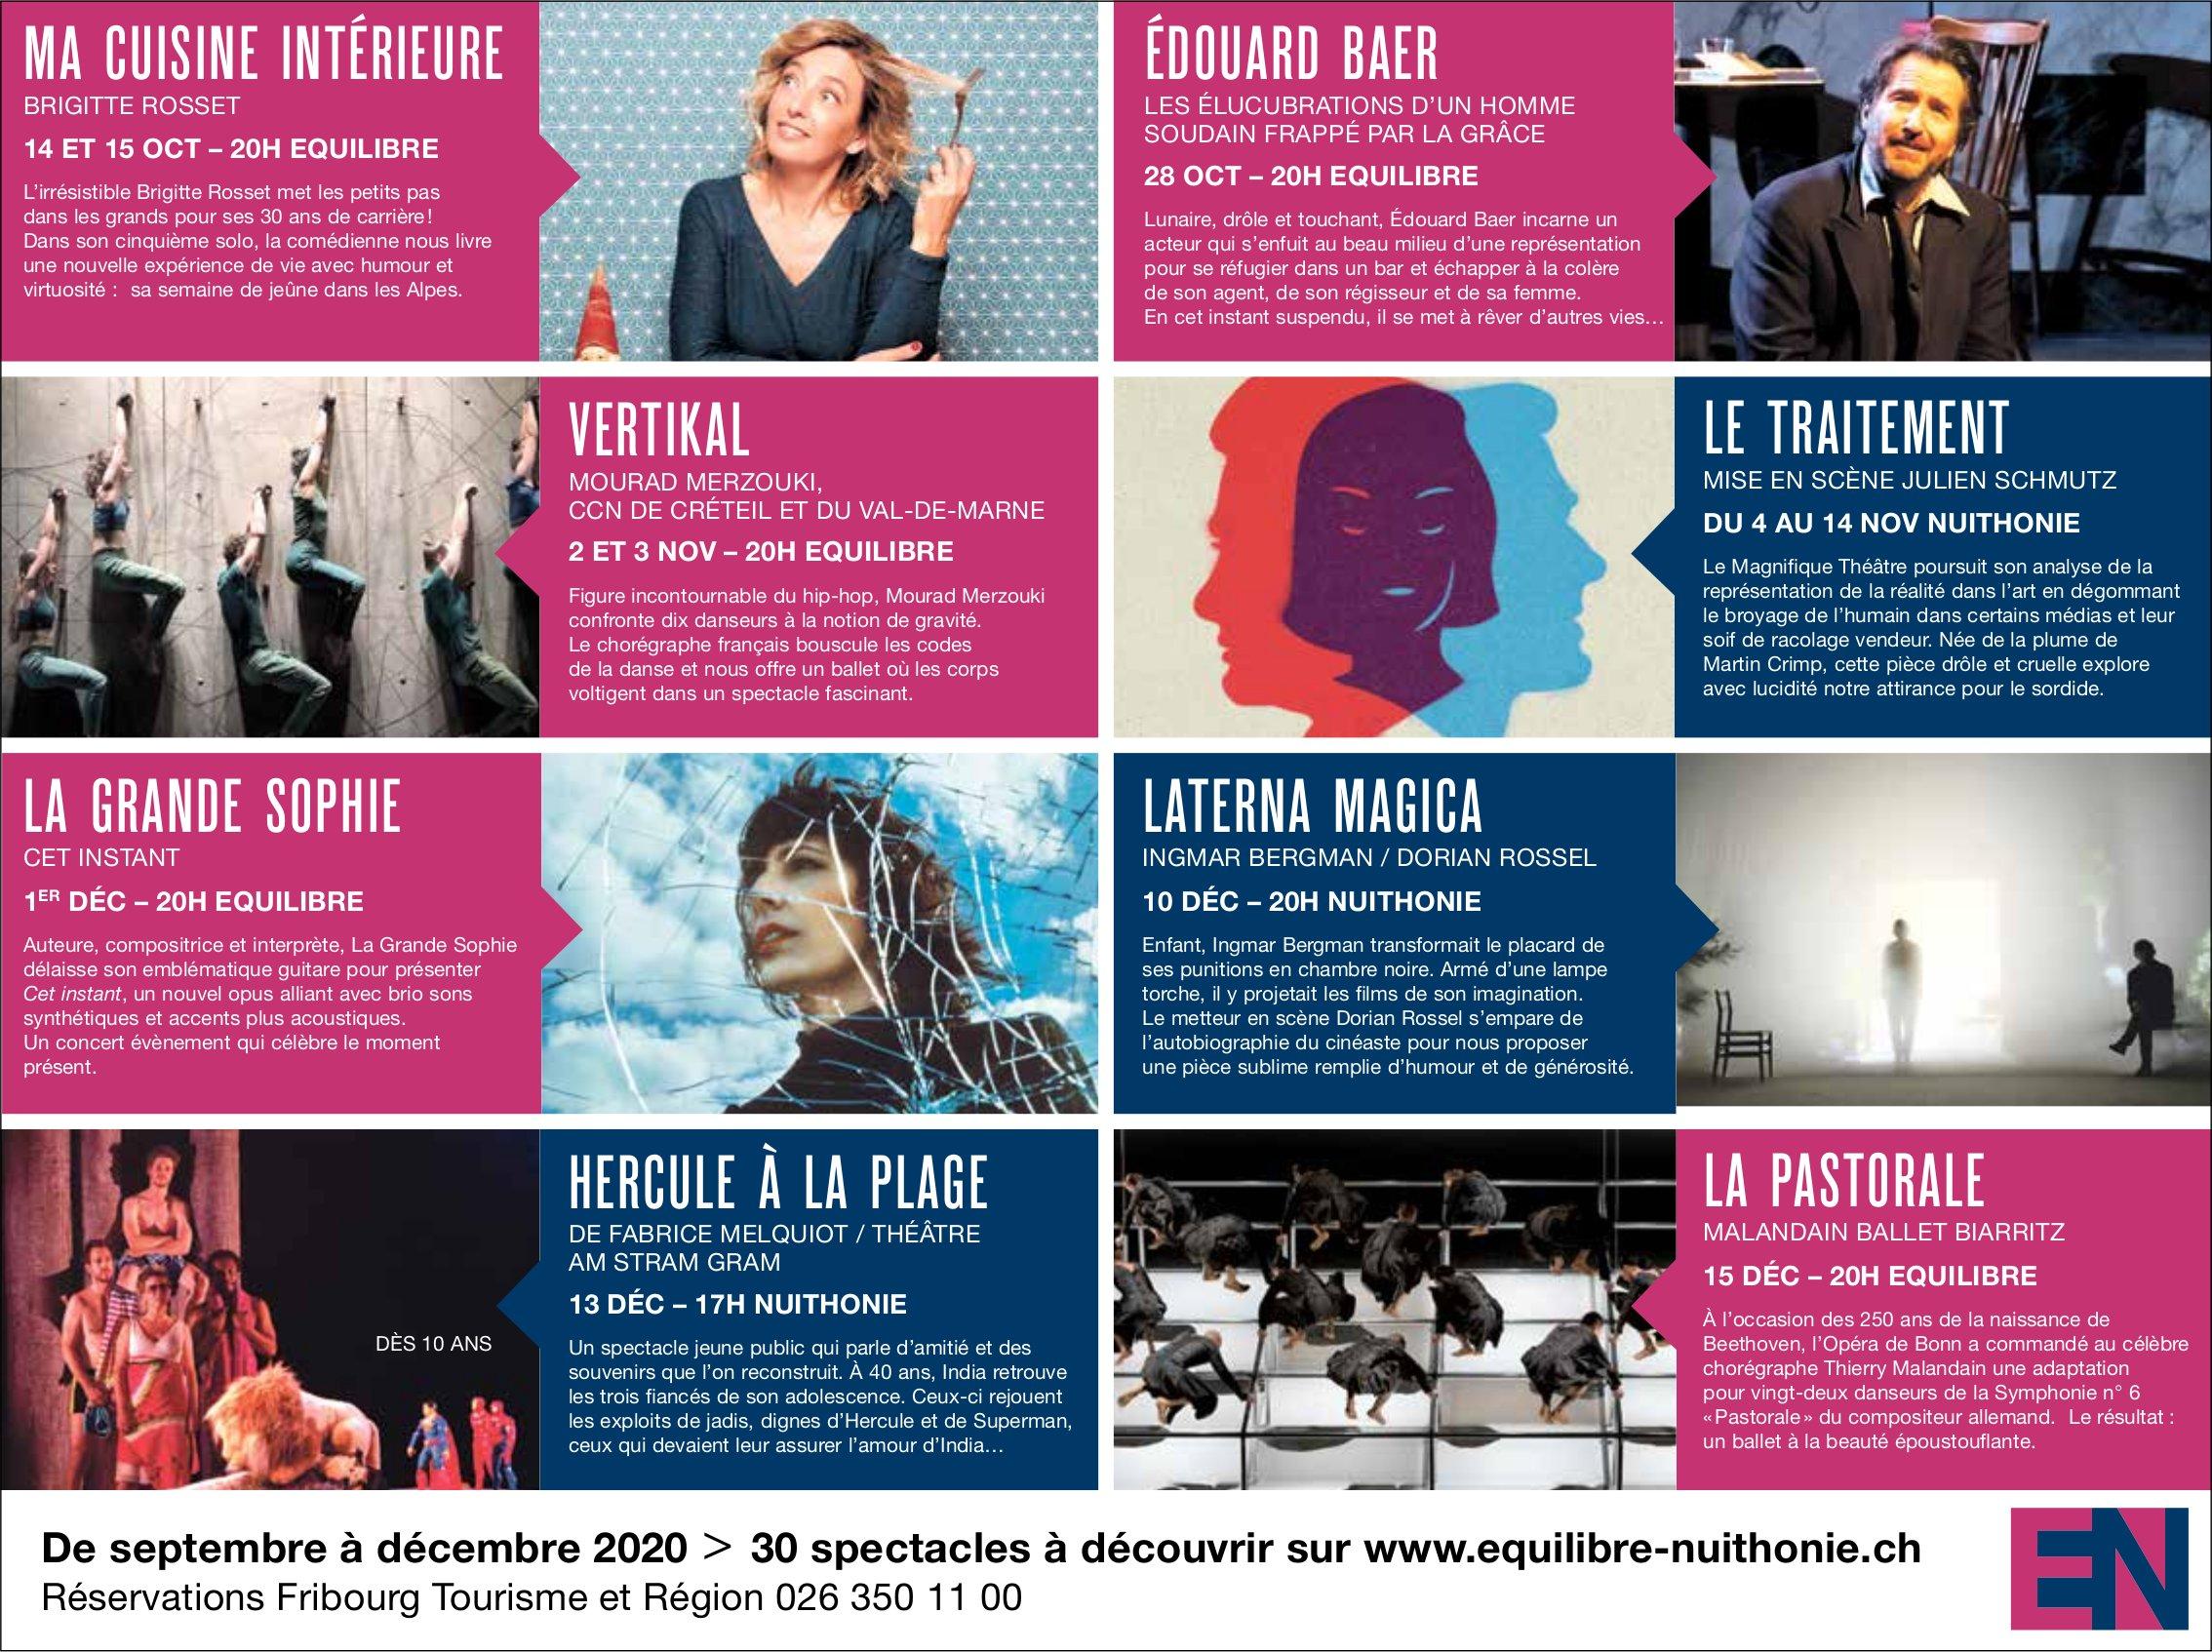 30 spectacles à découvrir, EN, Fribourg,